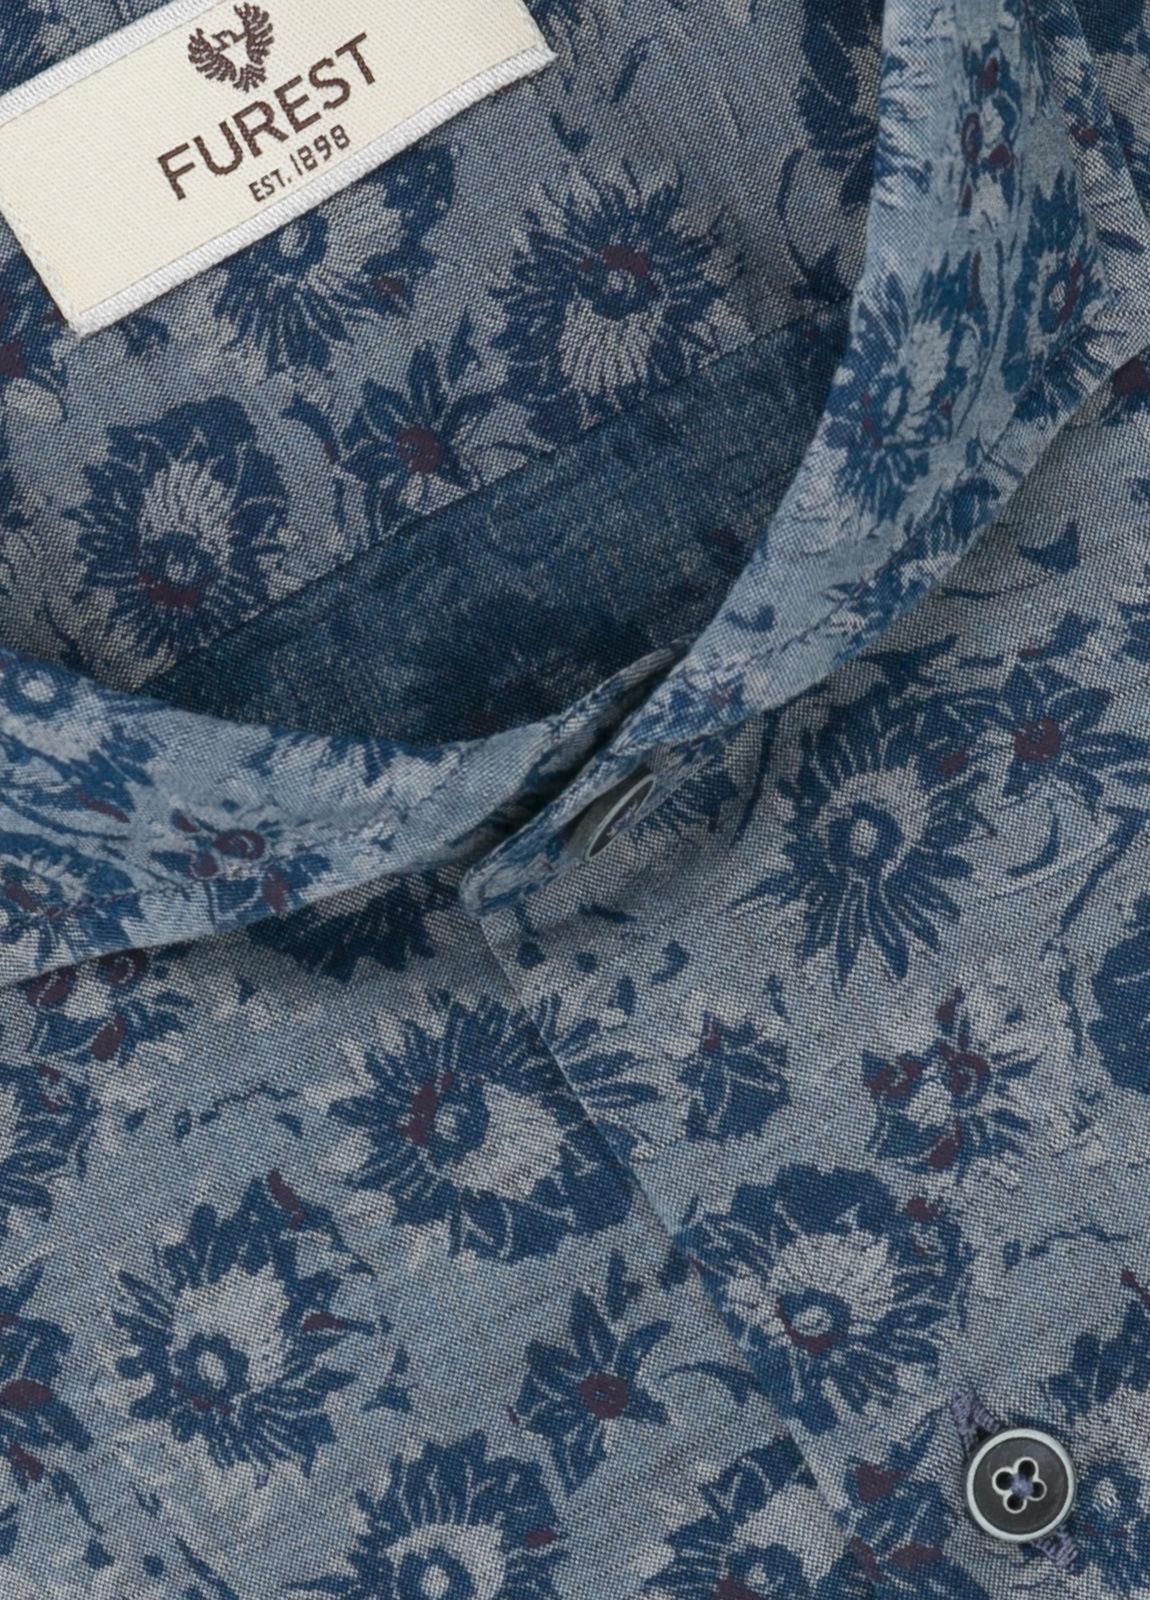 Camisa Leisure Wear SLIM FIT Modelo CAPRI color gris con estampado floral azulón. 100% Algodón. - Ítem1